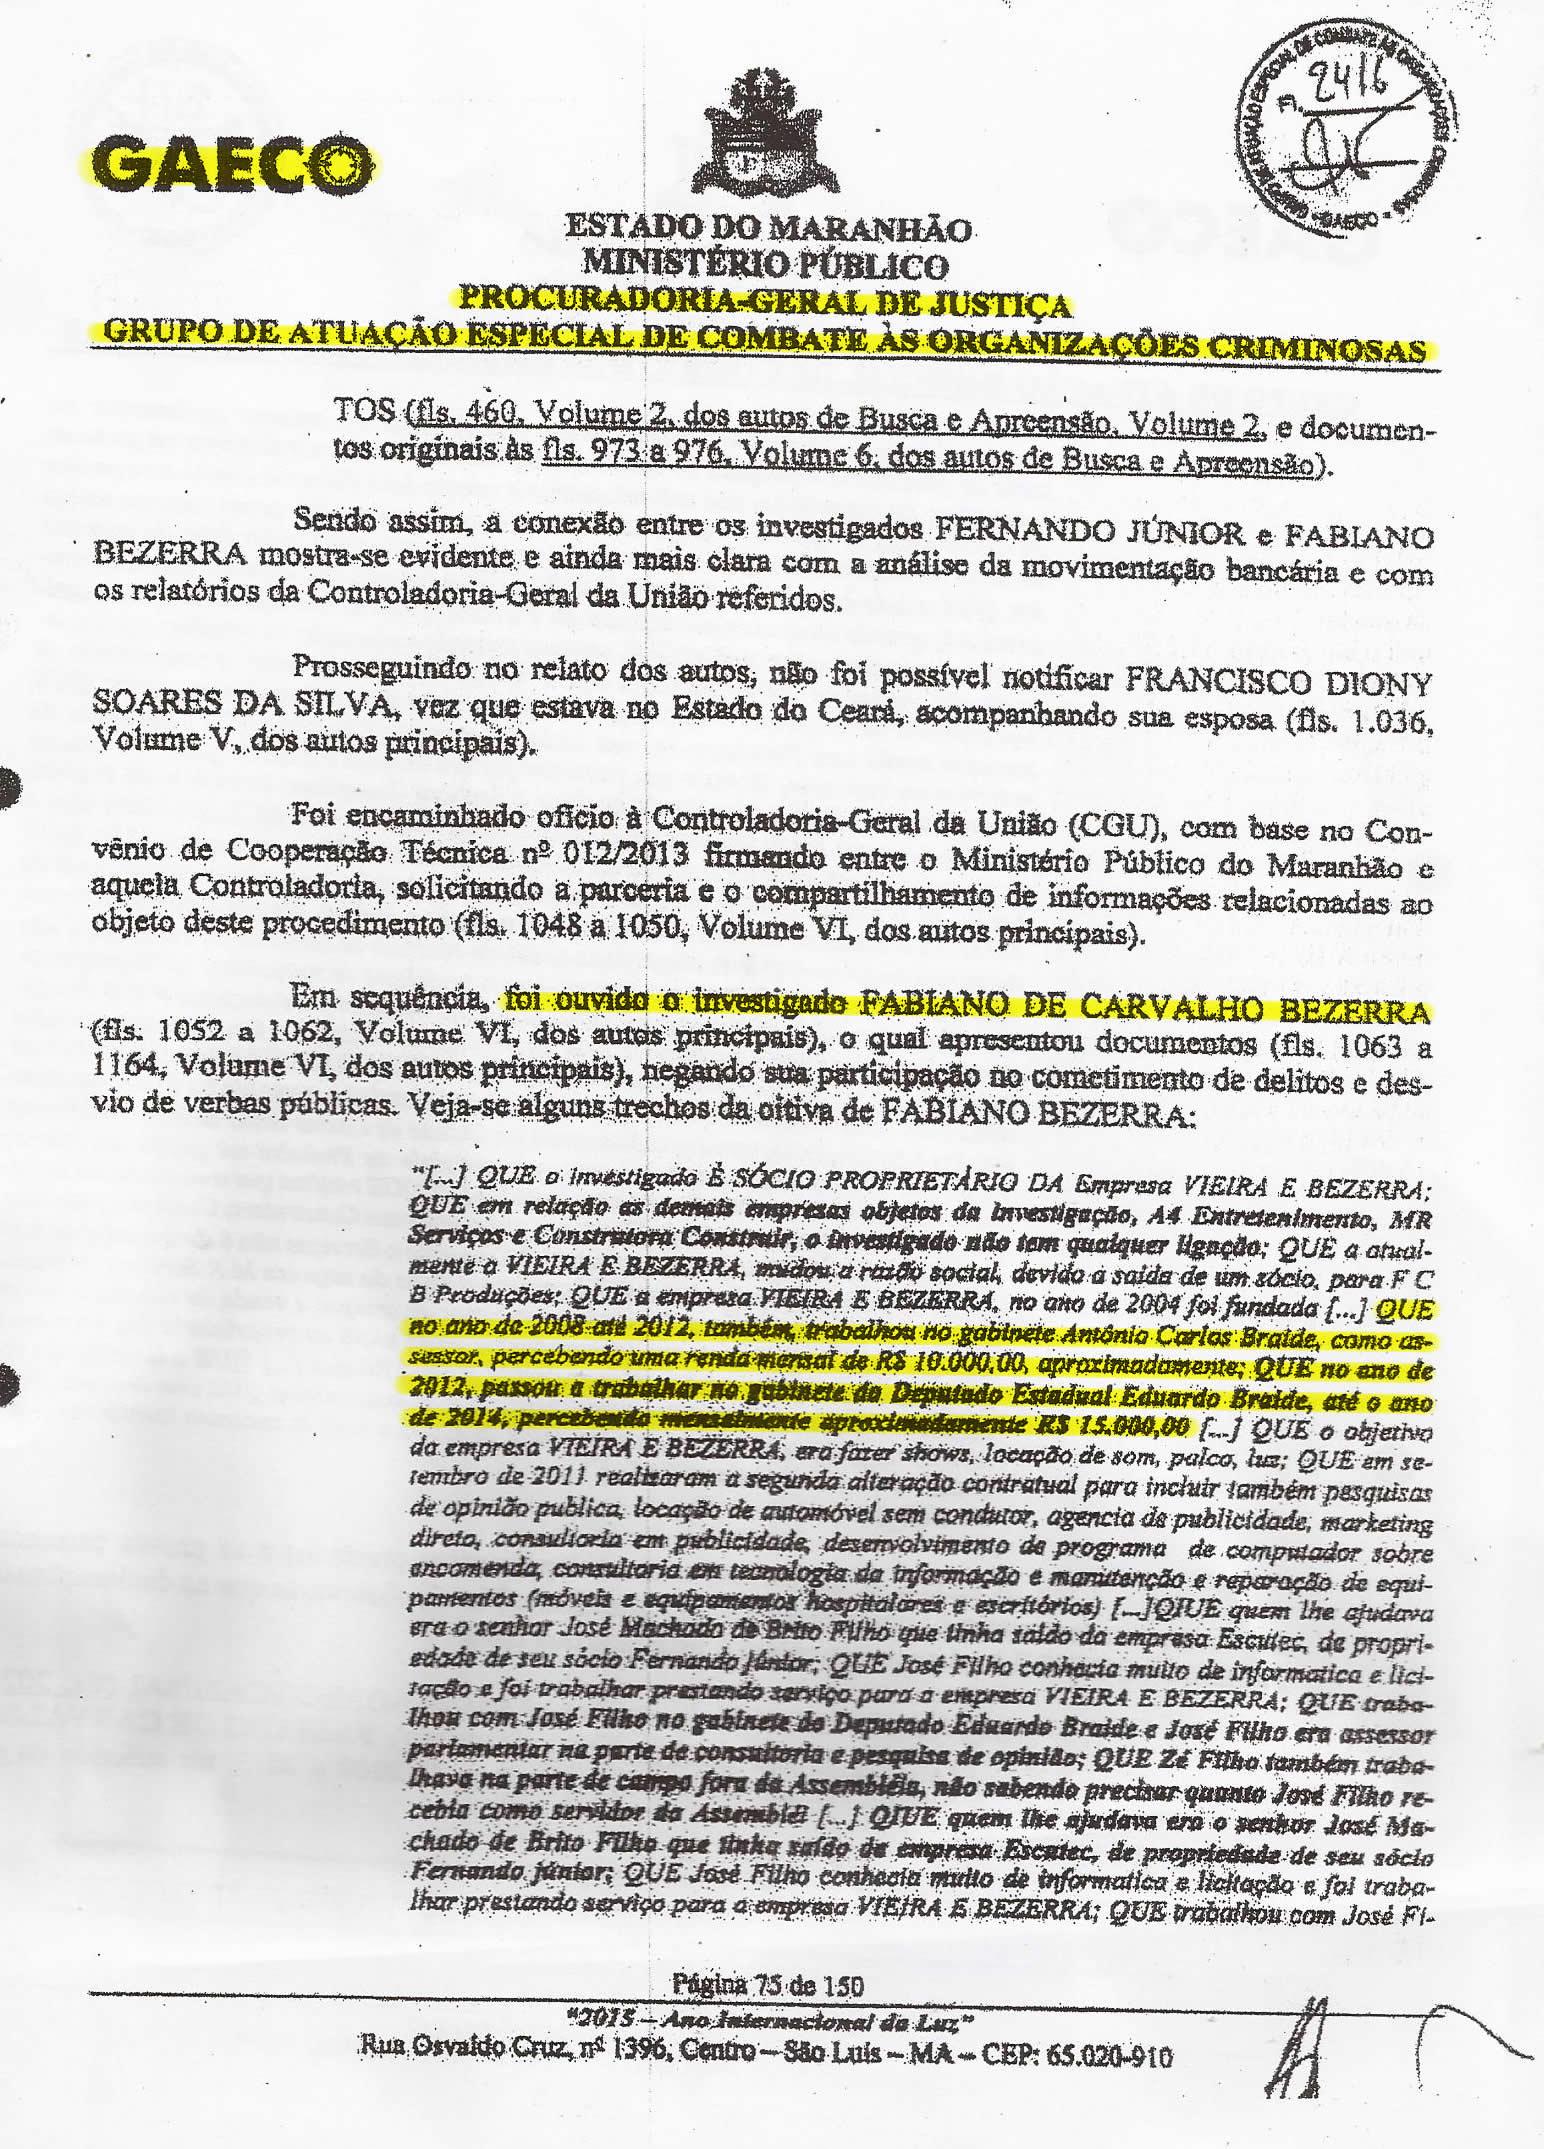 Folha 75 do PIC Gaeco mostra depoimento de Fabiano Bezerra confessando sinecura nos gabinetes de Carlos e Eduardo Braide, entre 2008 e 2014